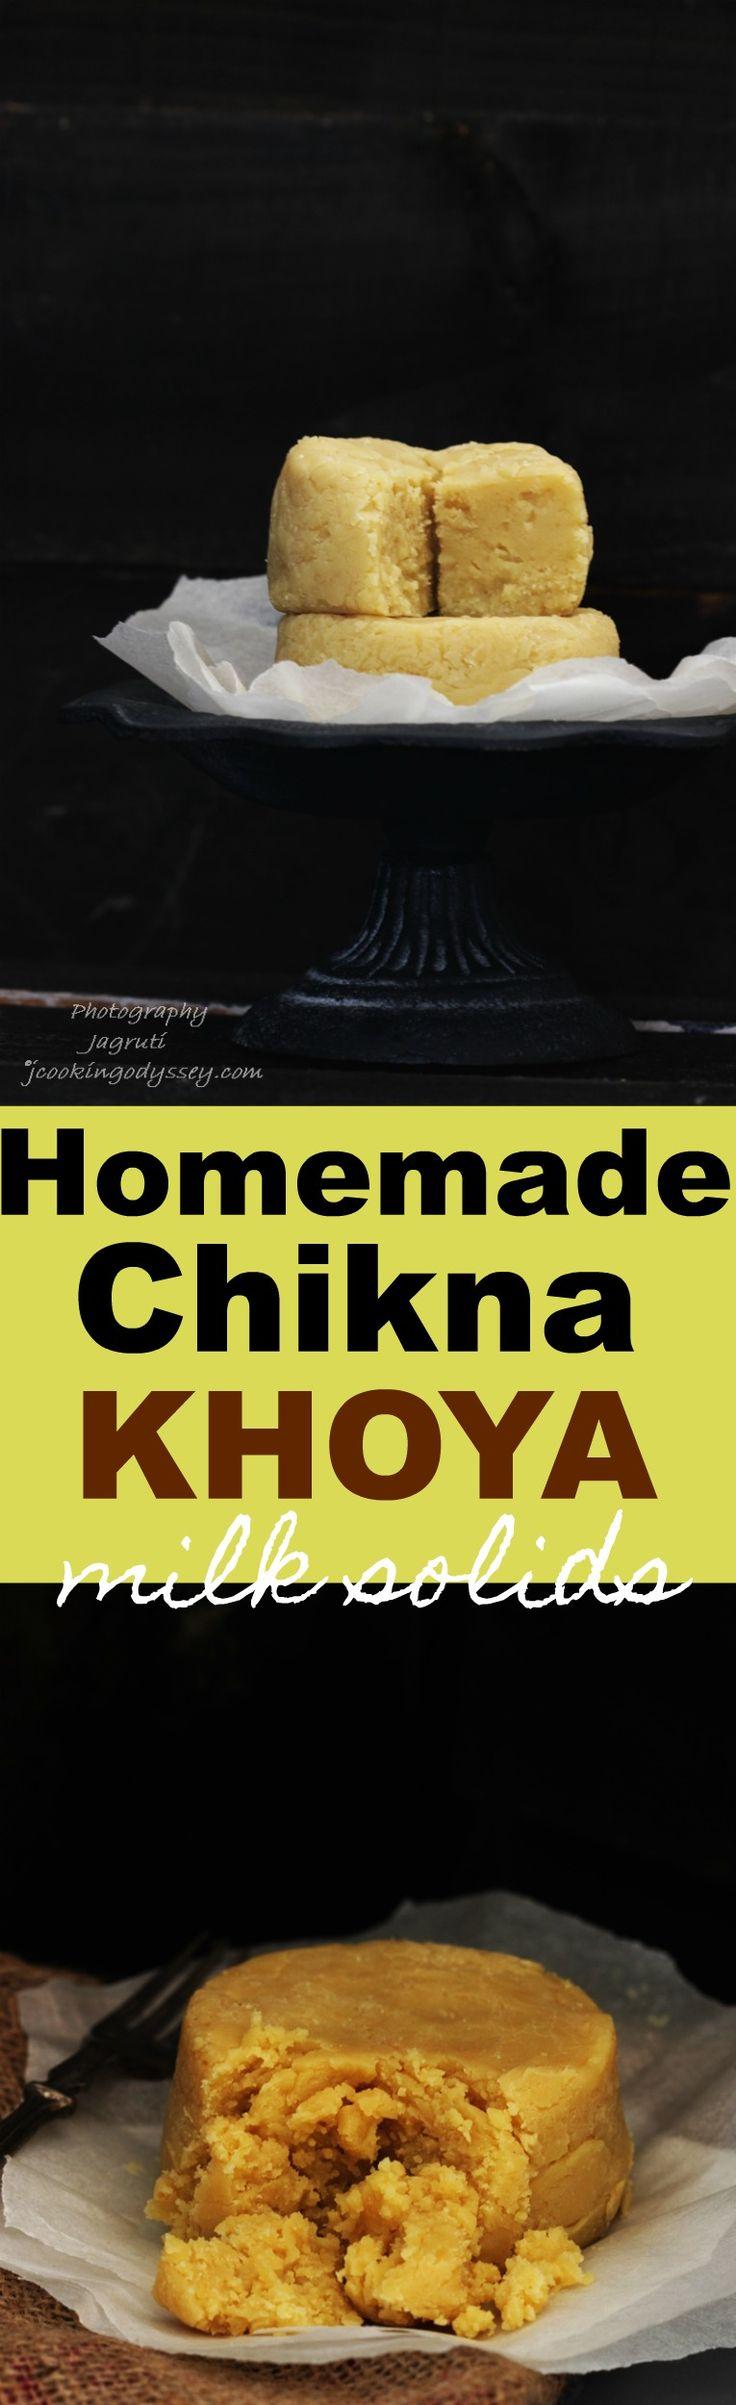 Homemade Chikna Khoya